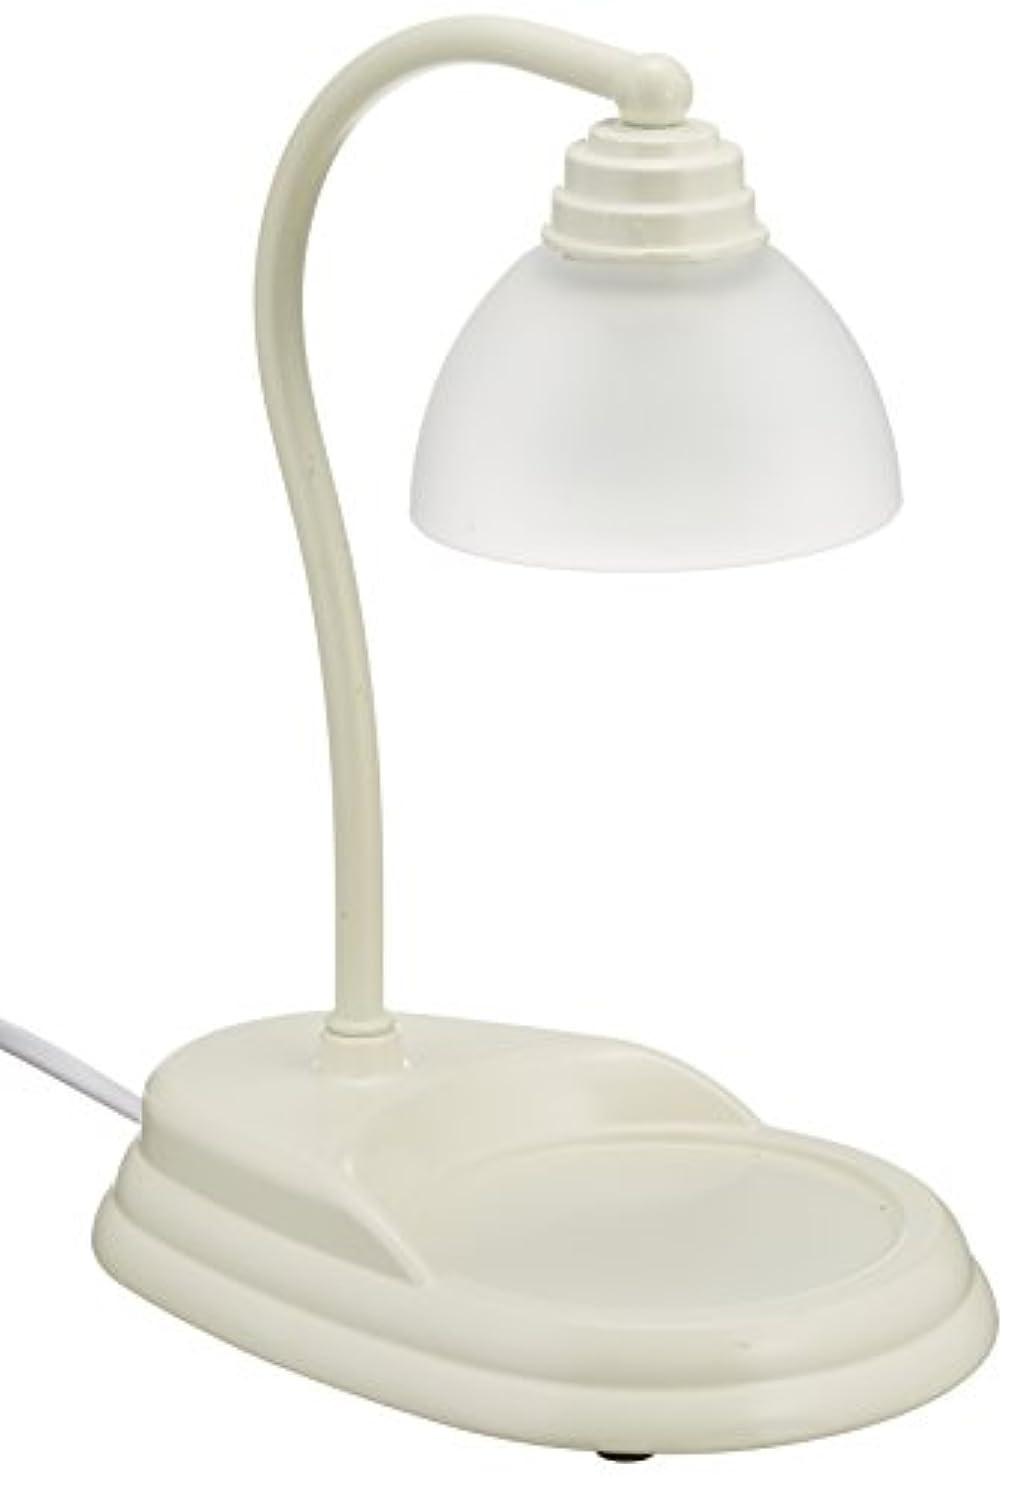 エイリアス勃起おなじみの電球の熱でキャンドルを溶かして香りを楽しむ電気スタンド キャンドルウォーマーランプ (ホワイト)